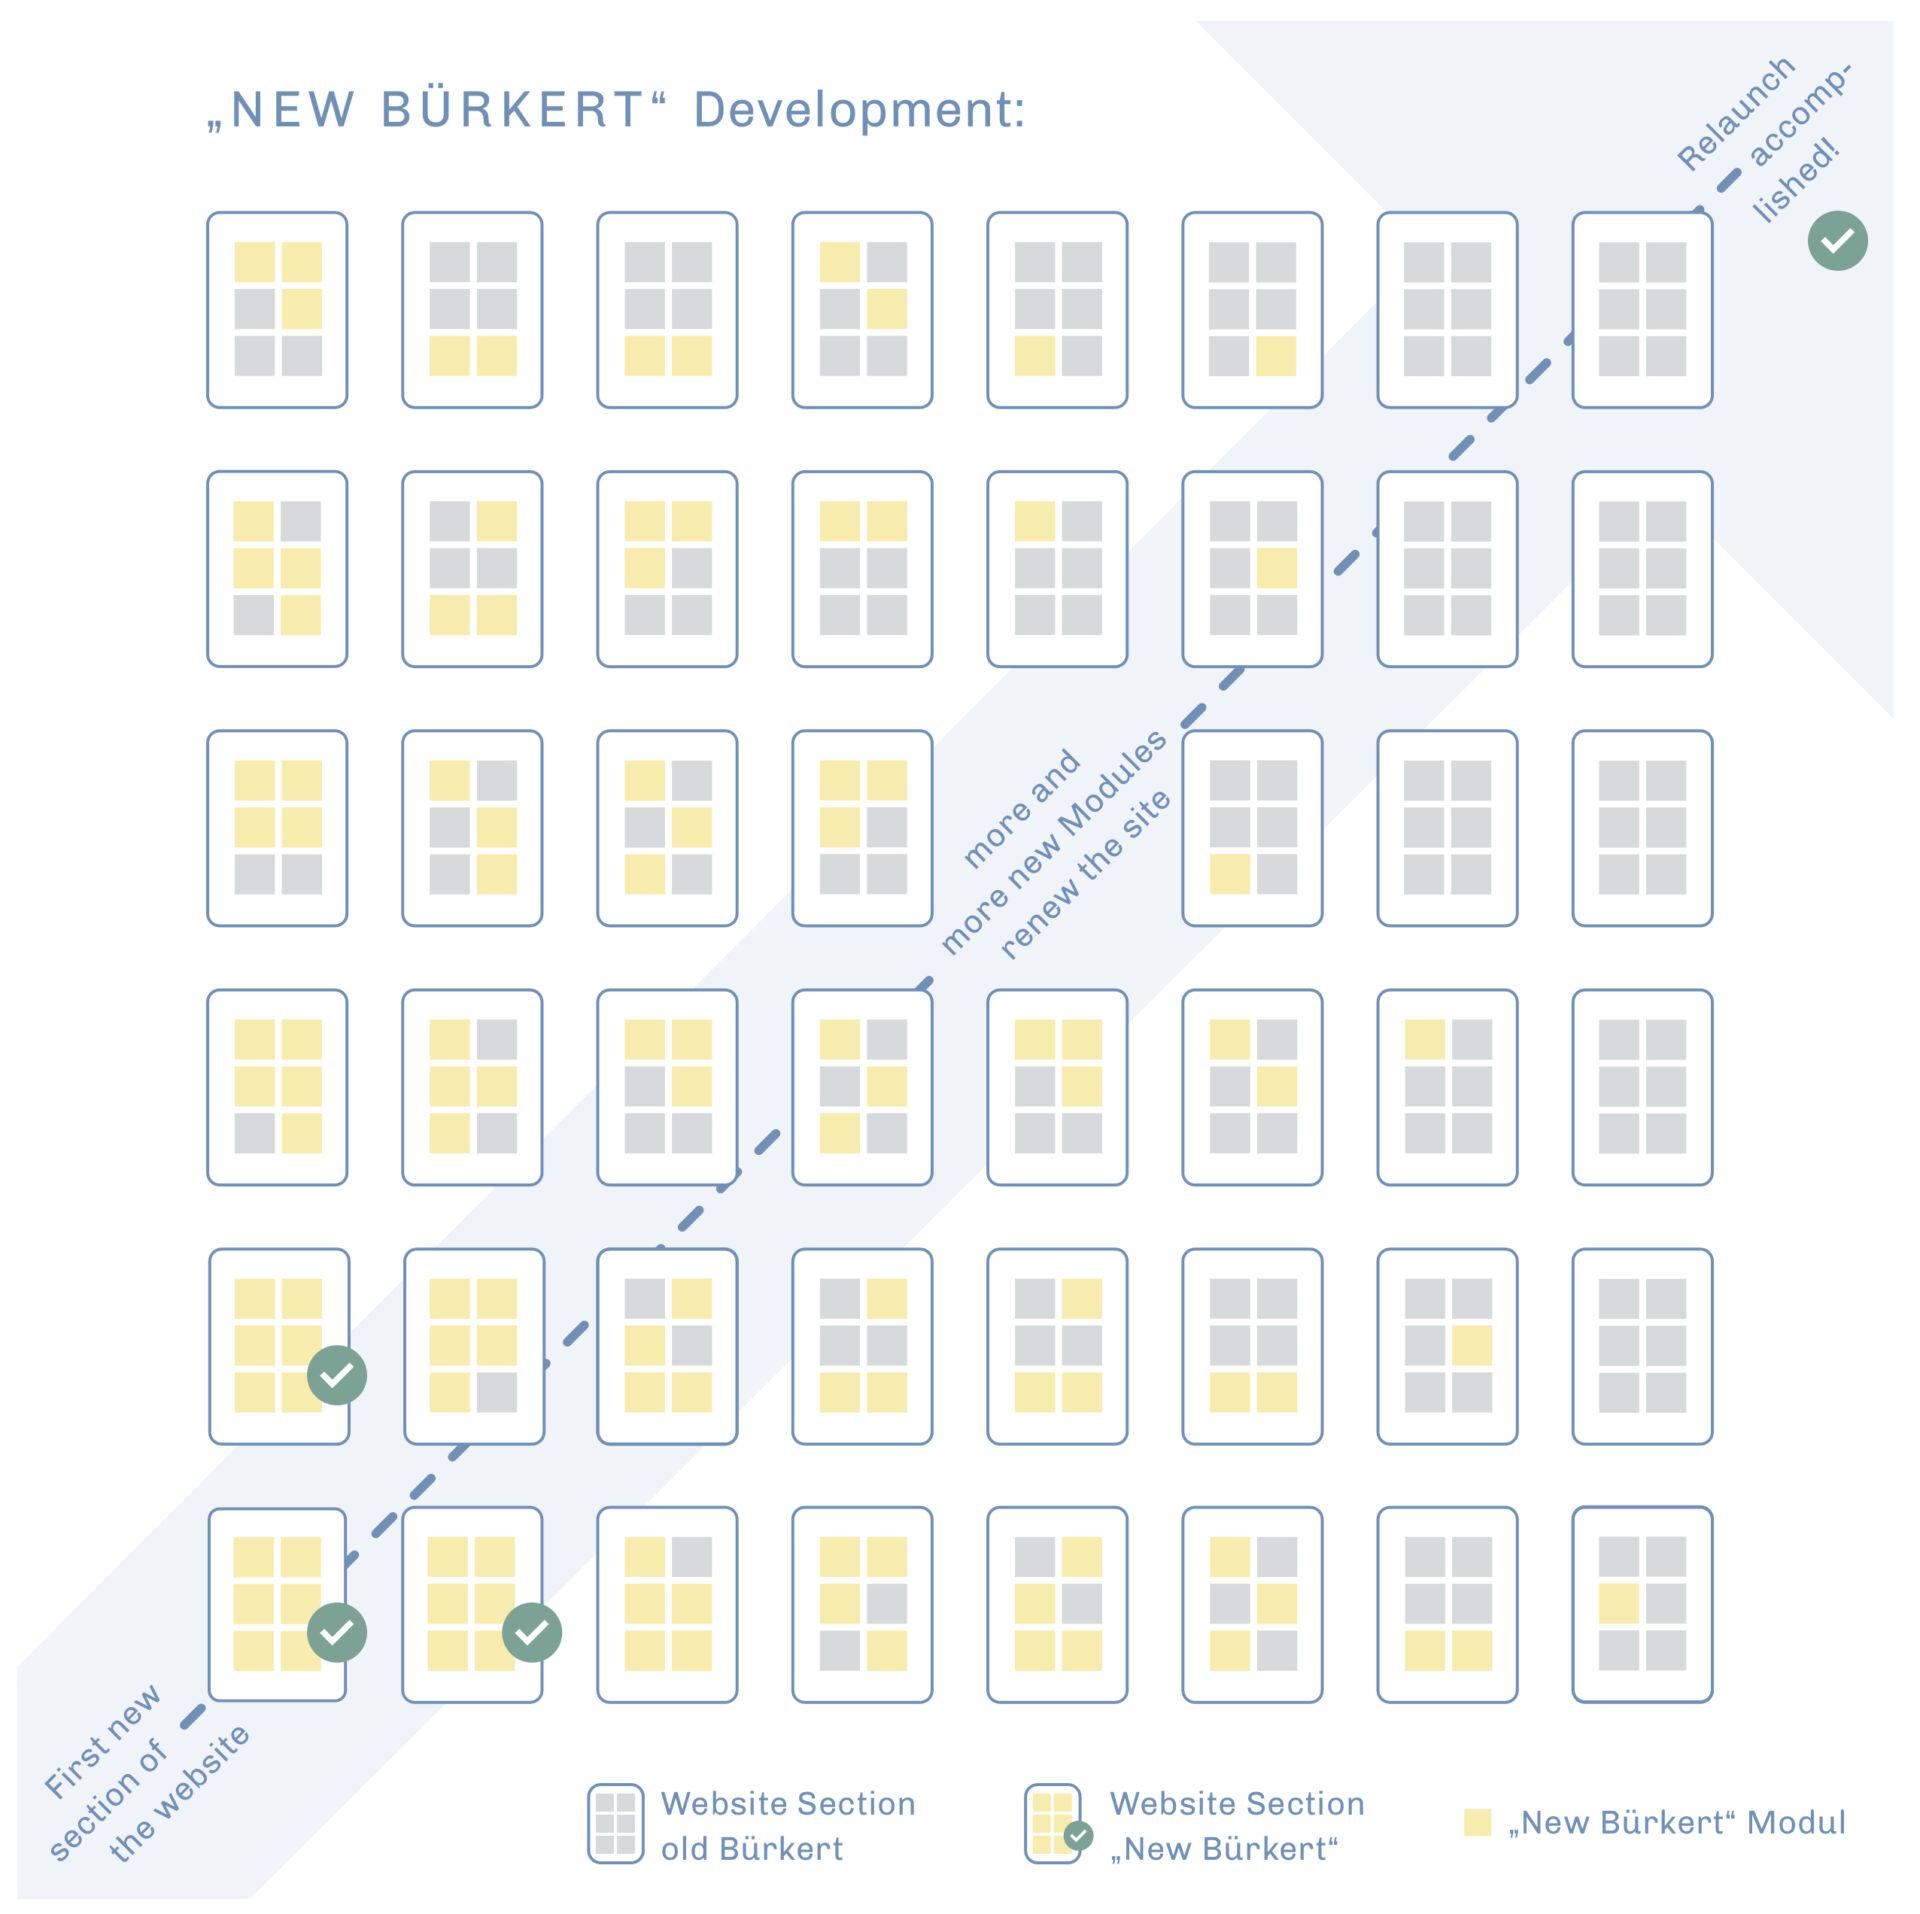 Buerkert infografik Development